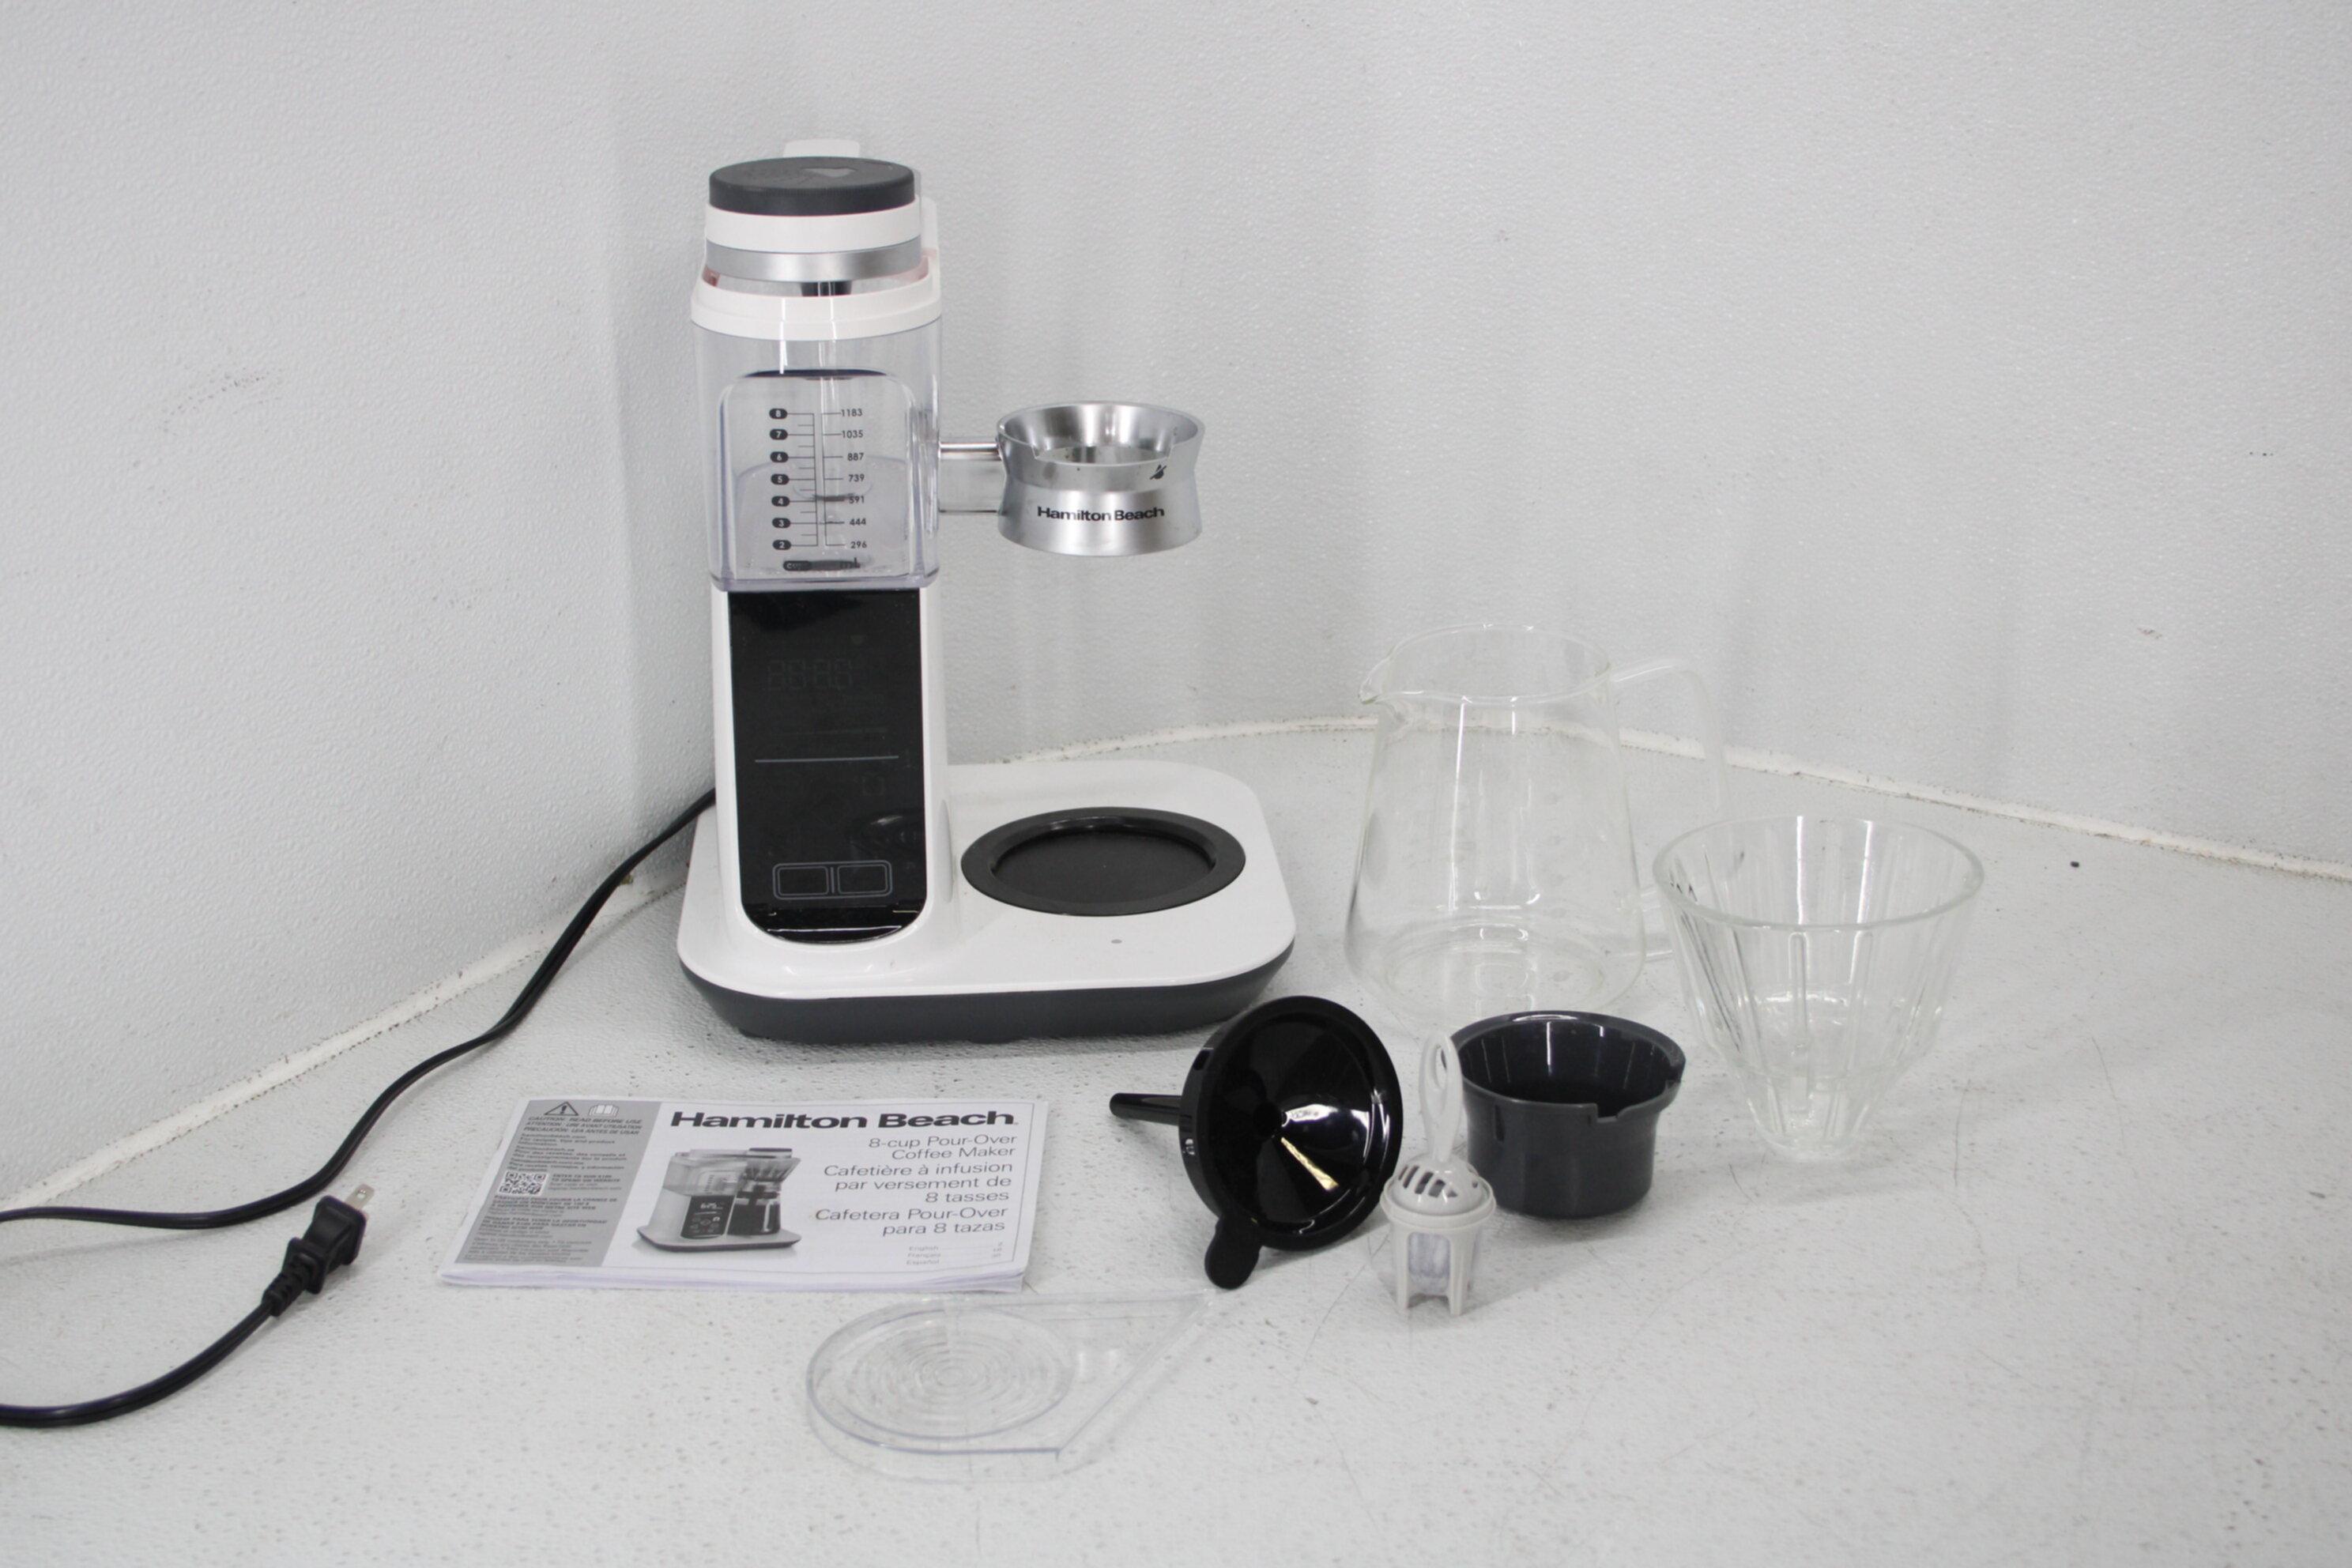 Toto Sw2043 01 C200 Washlet Electronic Bidet Toilet Seat